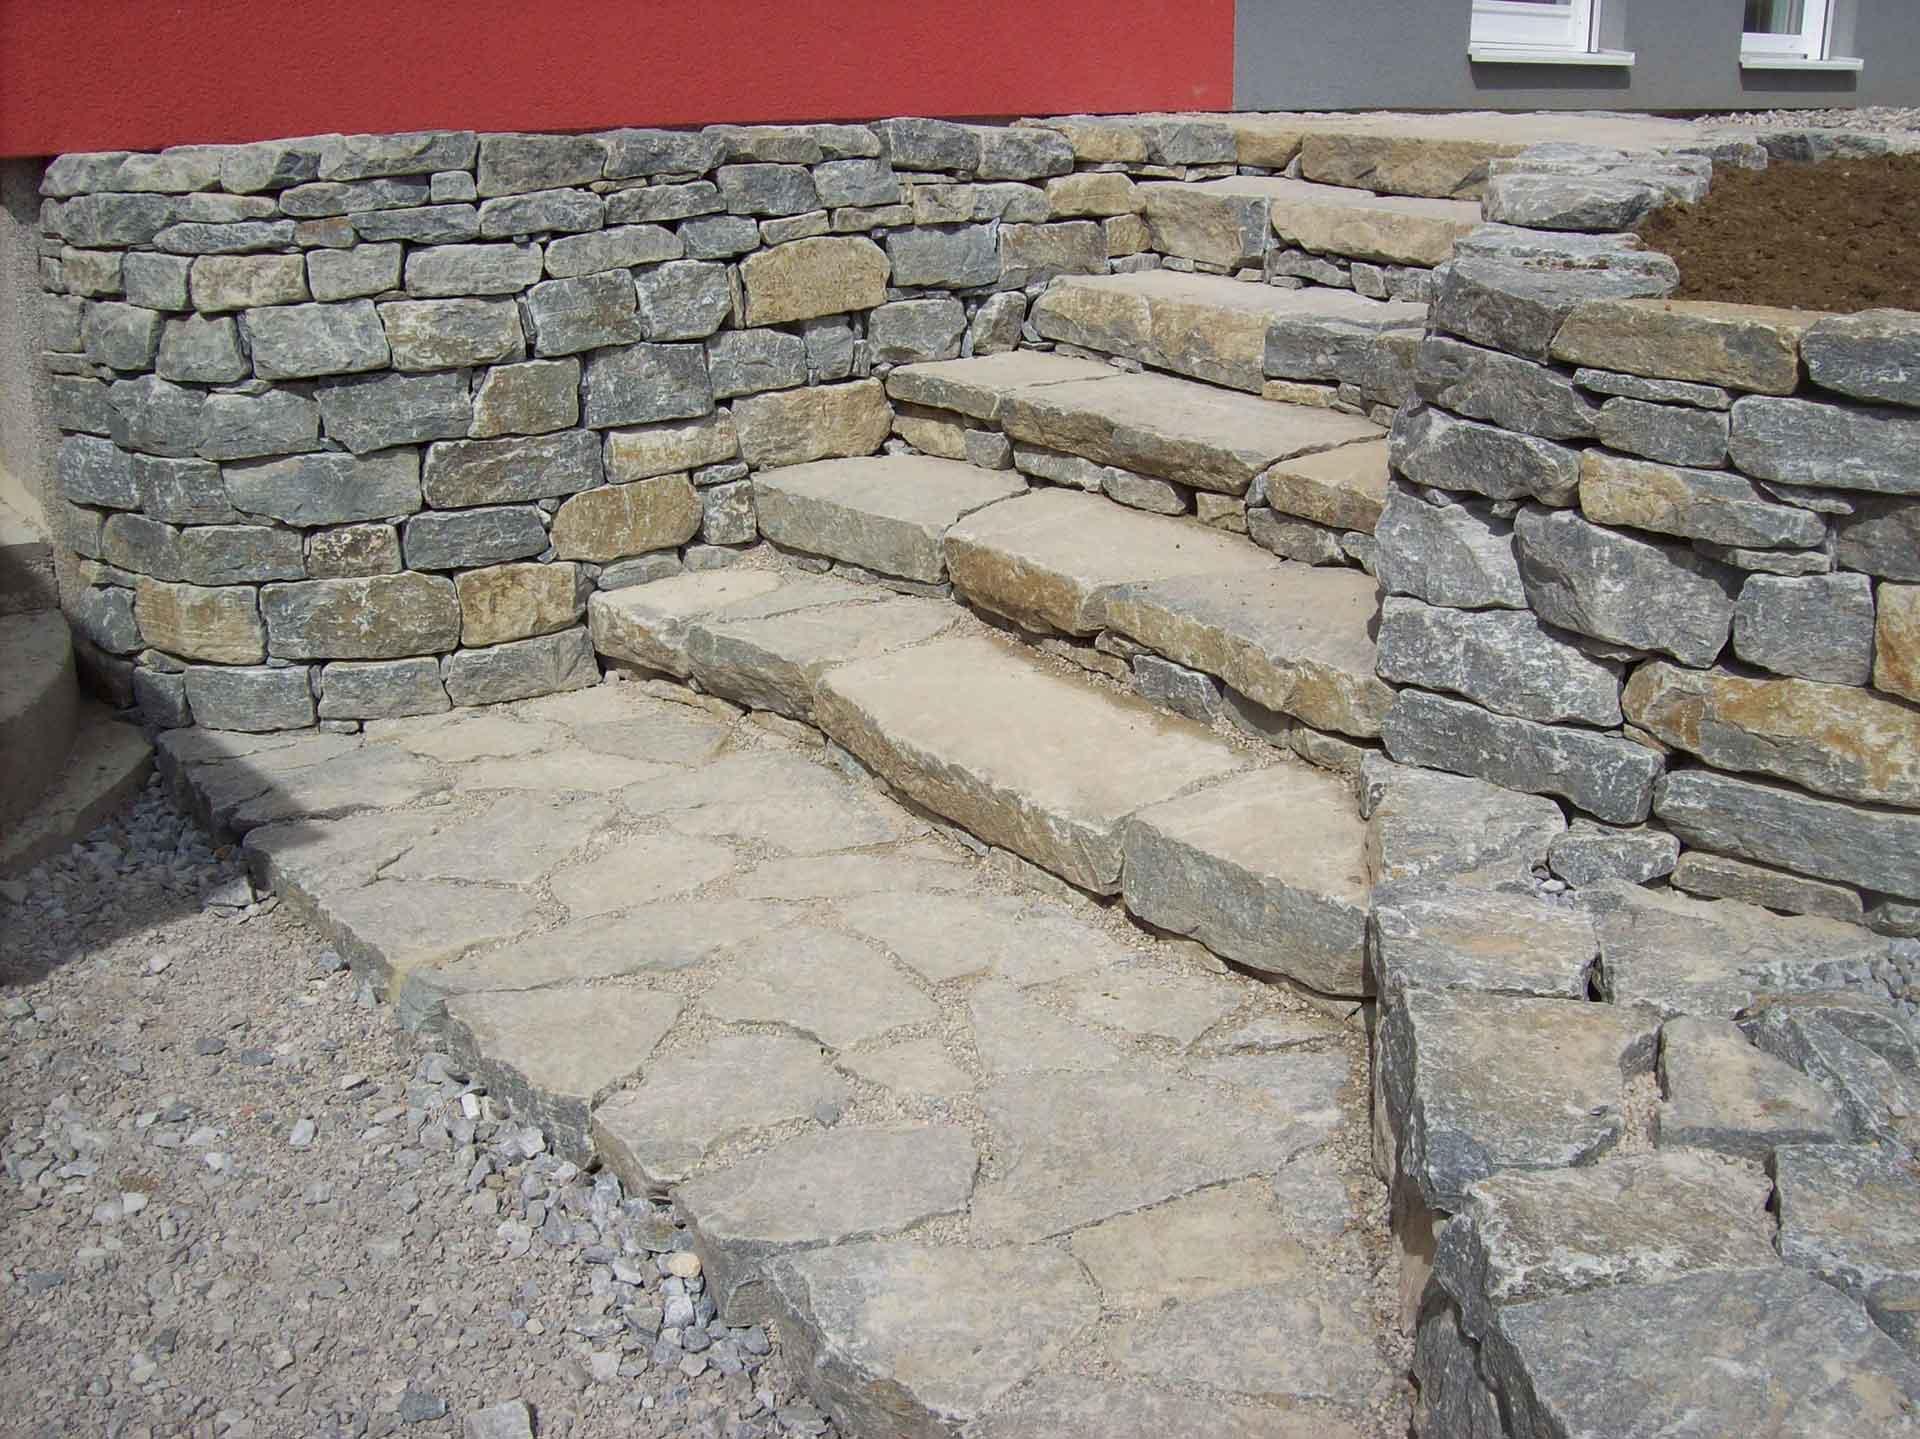 Stiegenaufgang, Trittplatten, Wachauer Marmor,